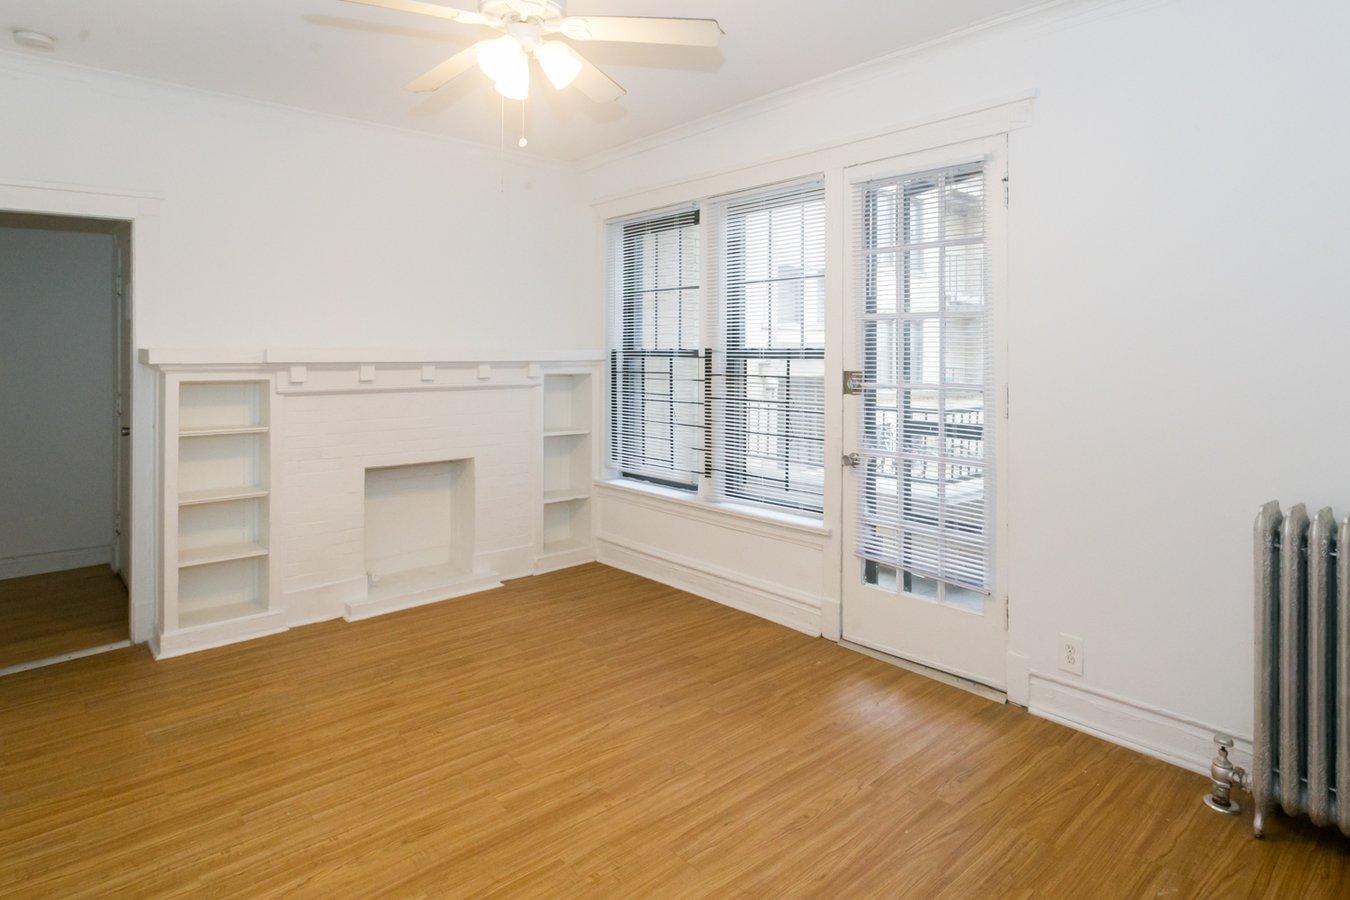 Studio 1 Bathroom Apartment for rent at 5411-5421 S. Ellis Avenue in Chicago, IL